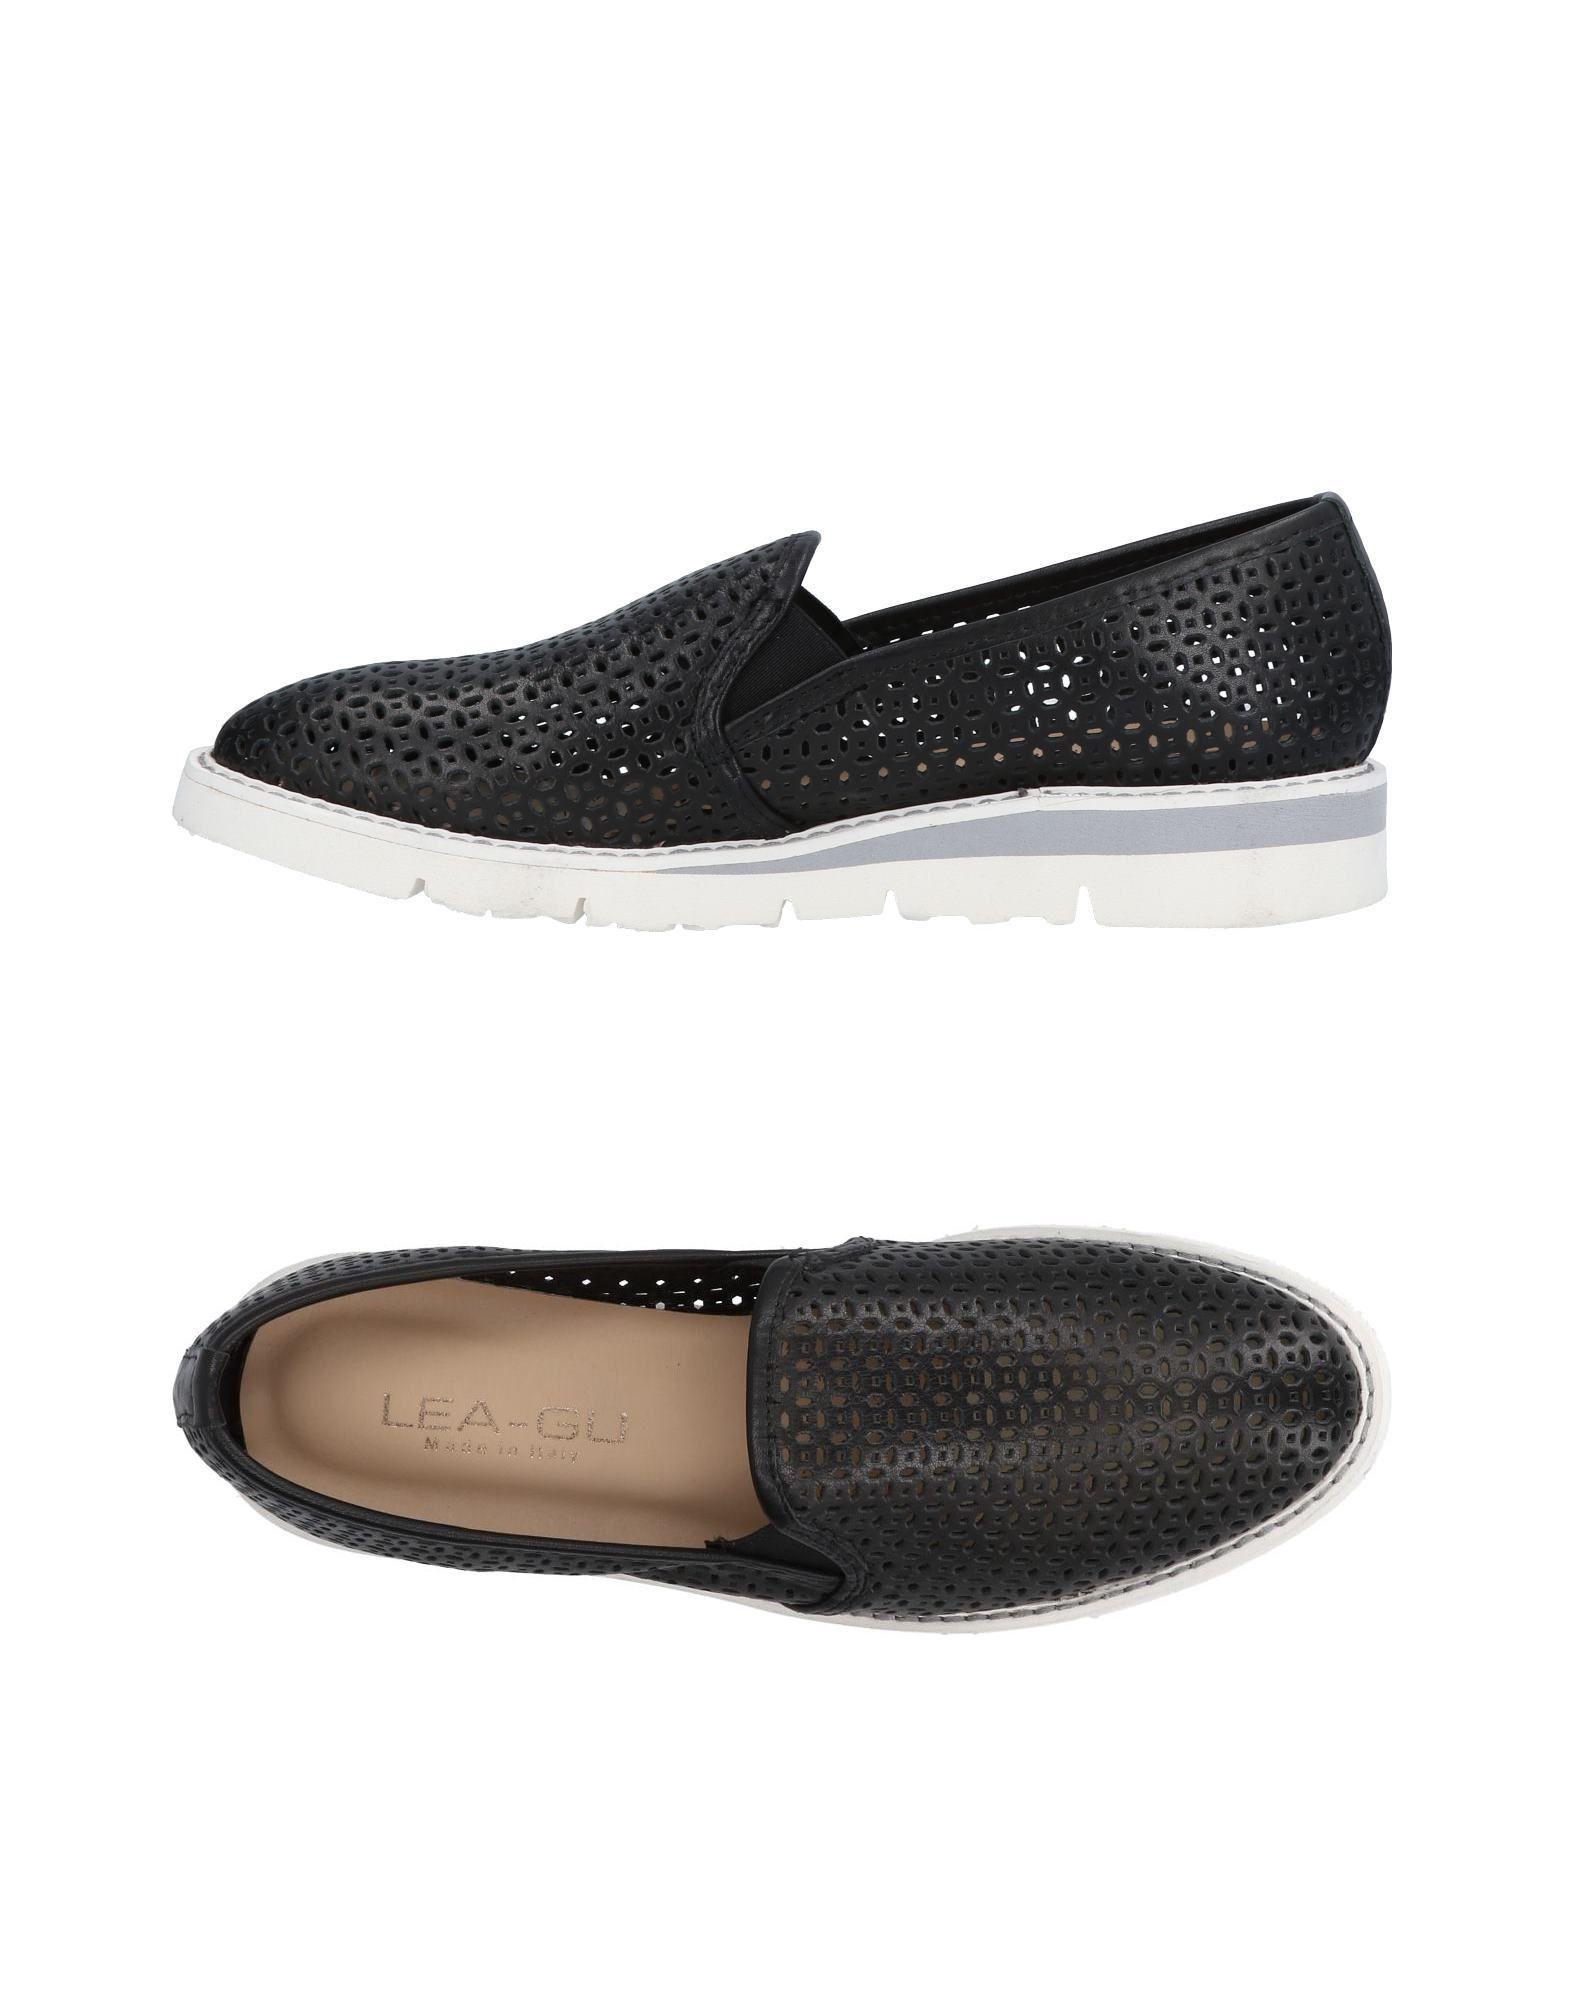 Gu-bas Ica-tops Et Chaussures De Sport 8akd0LNq